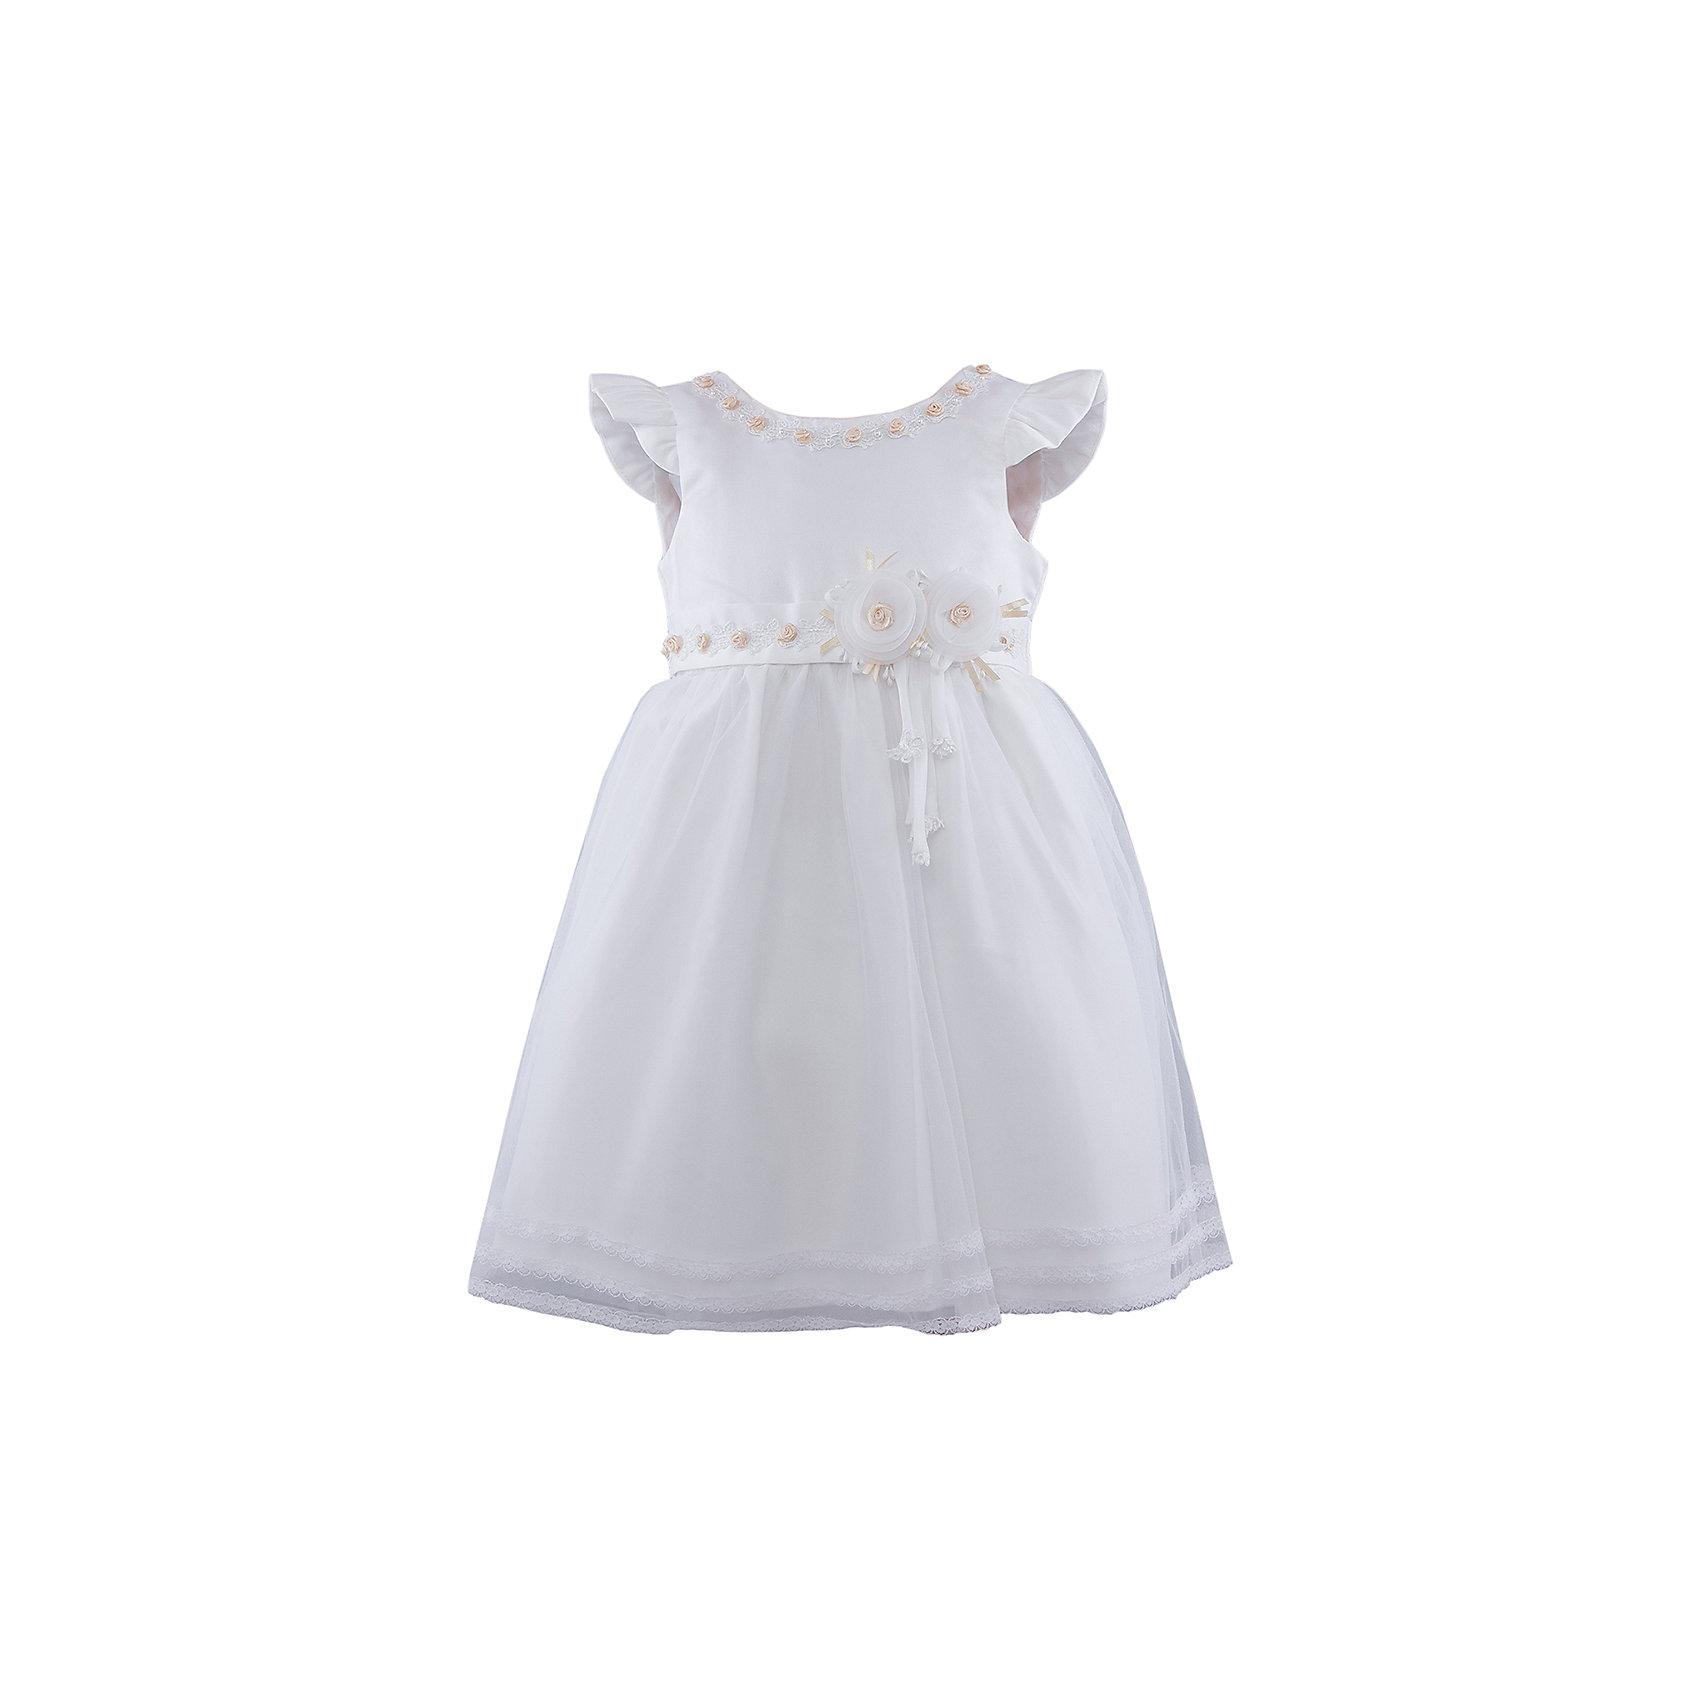 Нарядное платье для девочки VitacciОдежда<br>Платье для девочки от известного бренда Vitacci.<br>Очаровательное платье для маленькой принцессы. Модель отрезная по линии талии,с застёжкой молнией на спинке.<br>Состав:<br>100% полиэстер<br><br>Ширина мм: 236<br>Глубина мм: 16<br>Высота мм: 184<br>Вес г: 177<br>Цвет: белый/золотой<br>Возраст от месяцев: 72<br>Возраст до месяцев: 84<br>Пол: Женский<br>Возраст: Детский<br>Размер: 90,100,110,120,80<br>SKU: 4956085